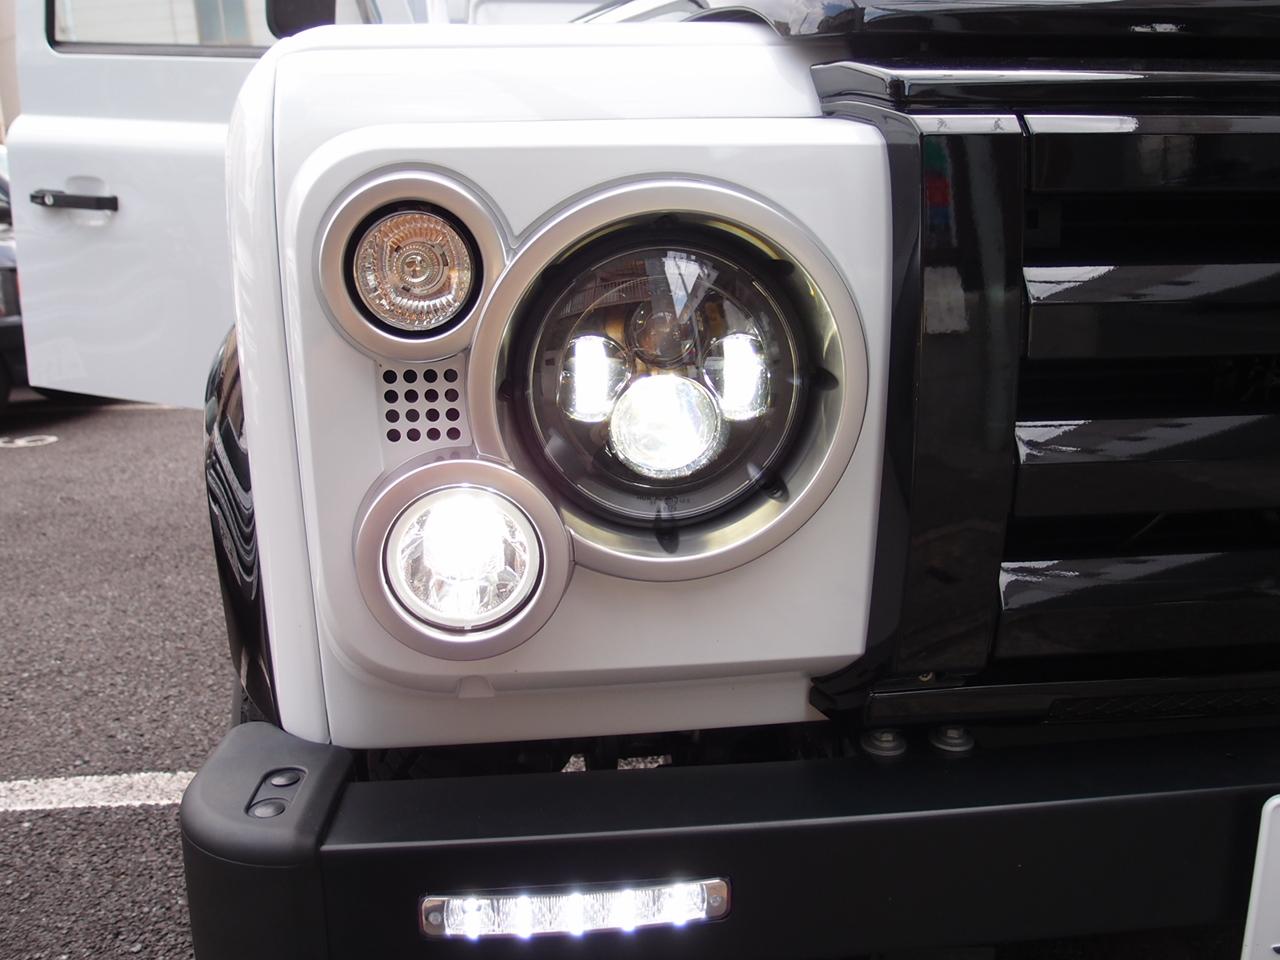 フロントバンパー【純正】LEDデイライト埋め込み加工一式サービス LEDライト含む  DEFENDER/ディフェンダー